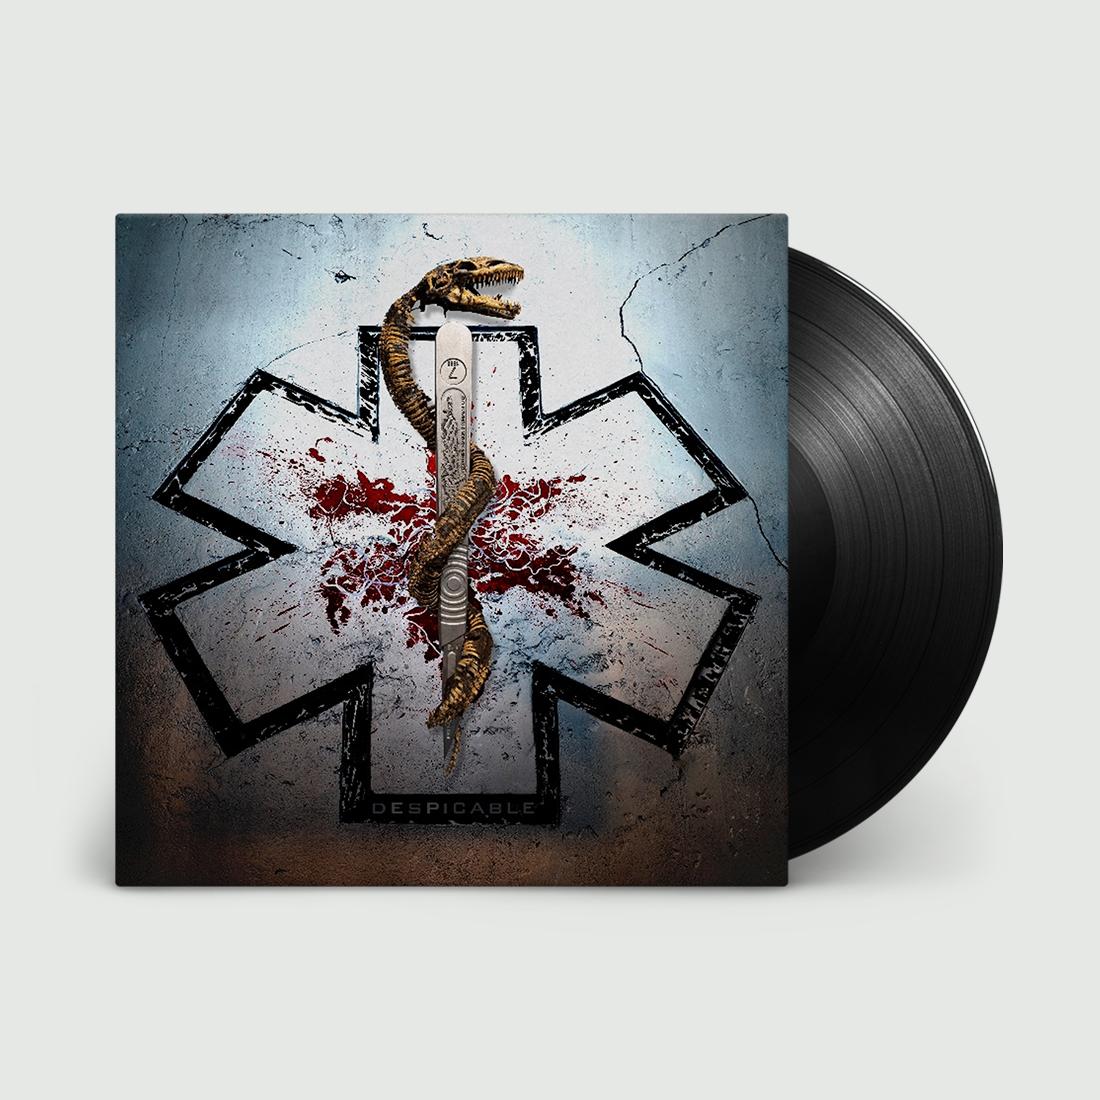 """Carcass - Despicable 10"""" Vinyl"""